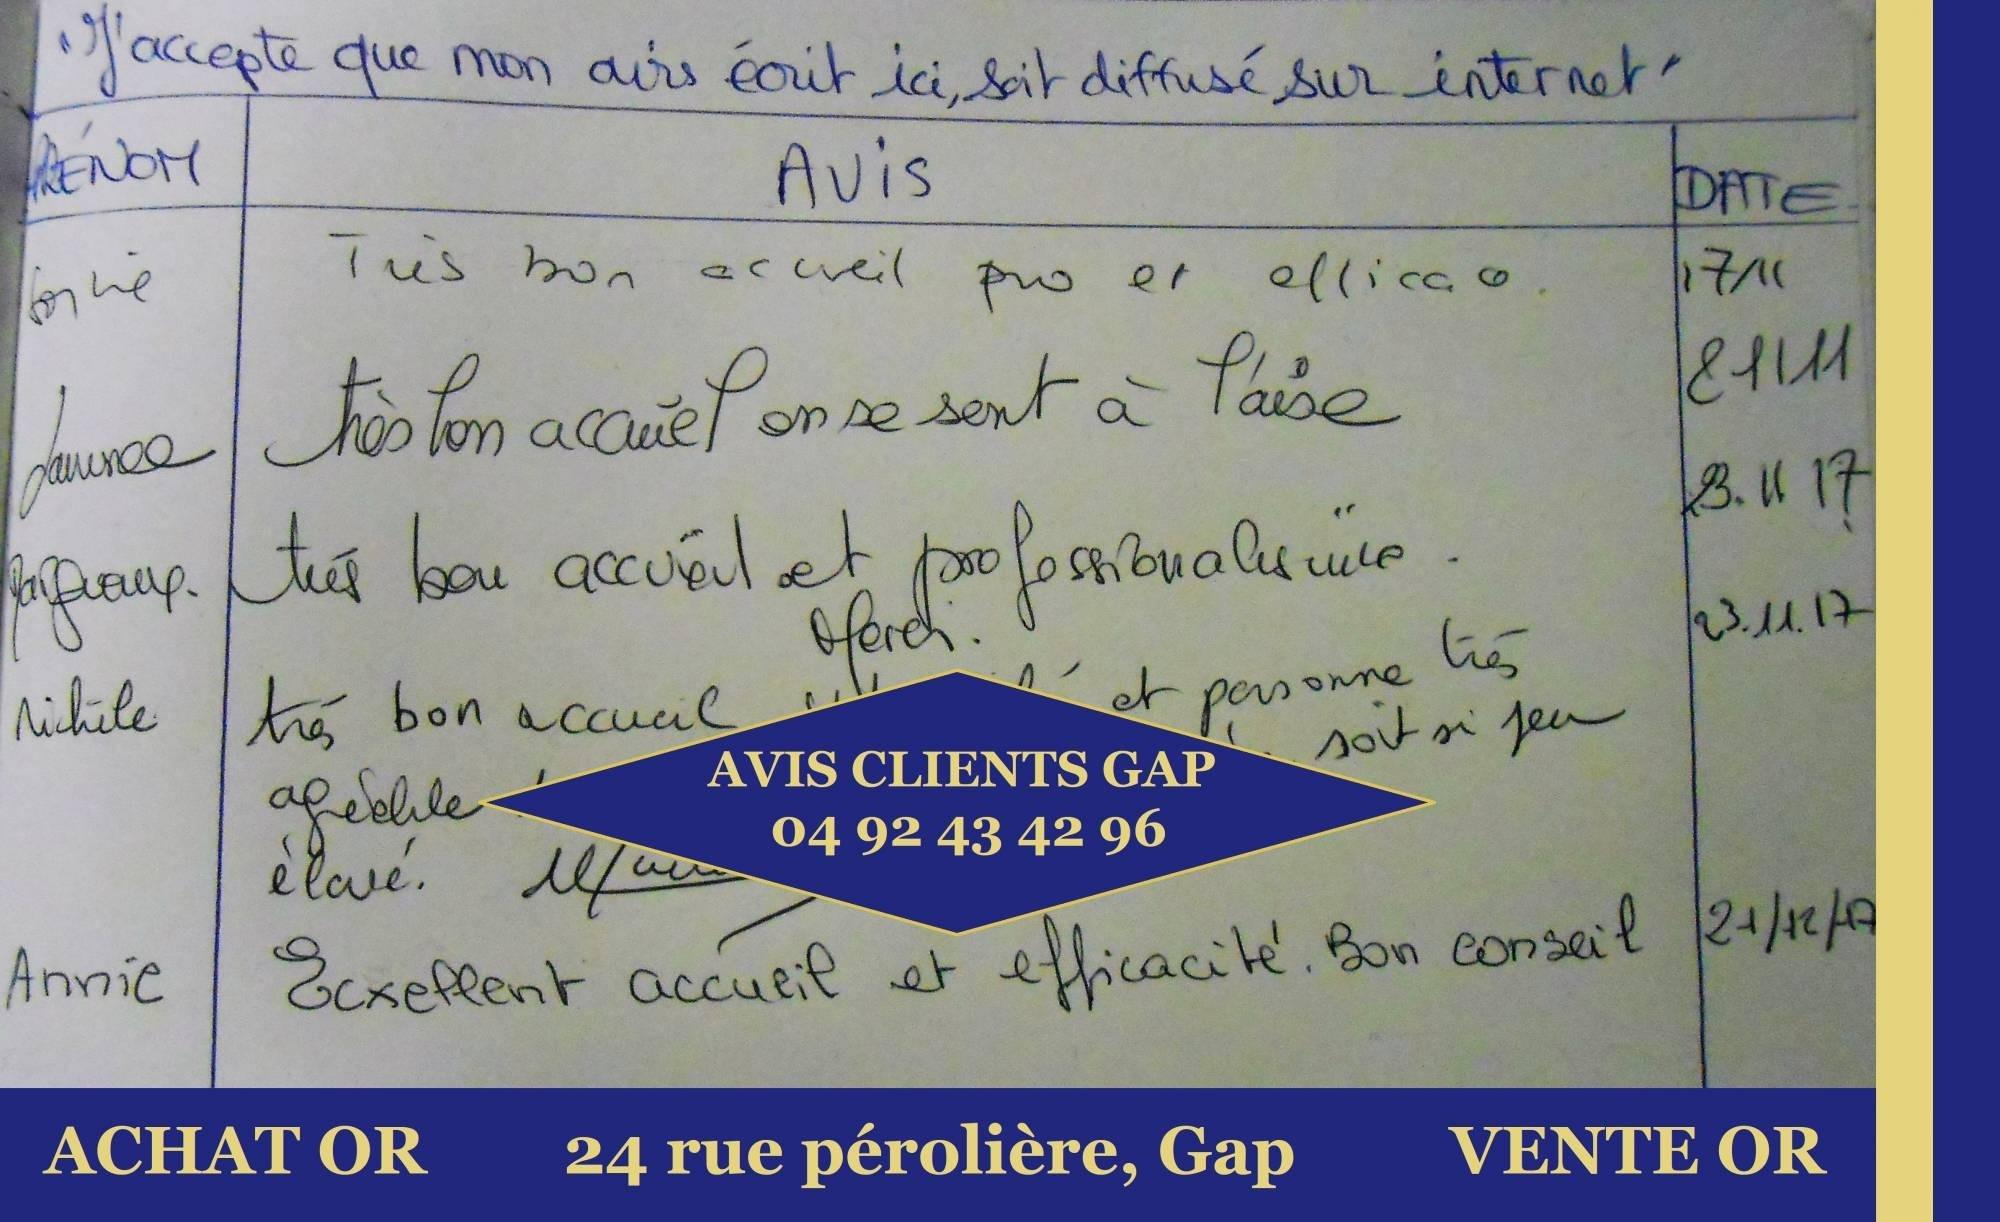 avis client rachat d or gap 2017